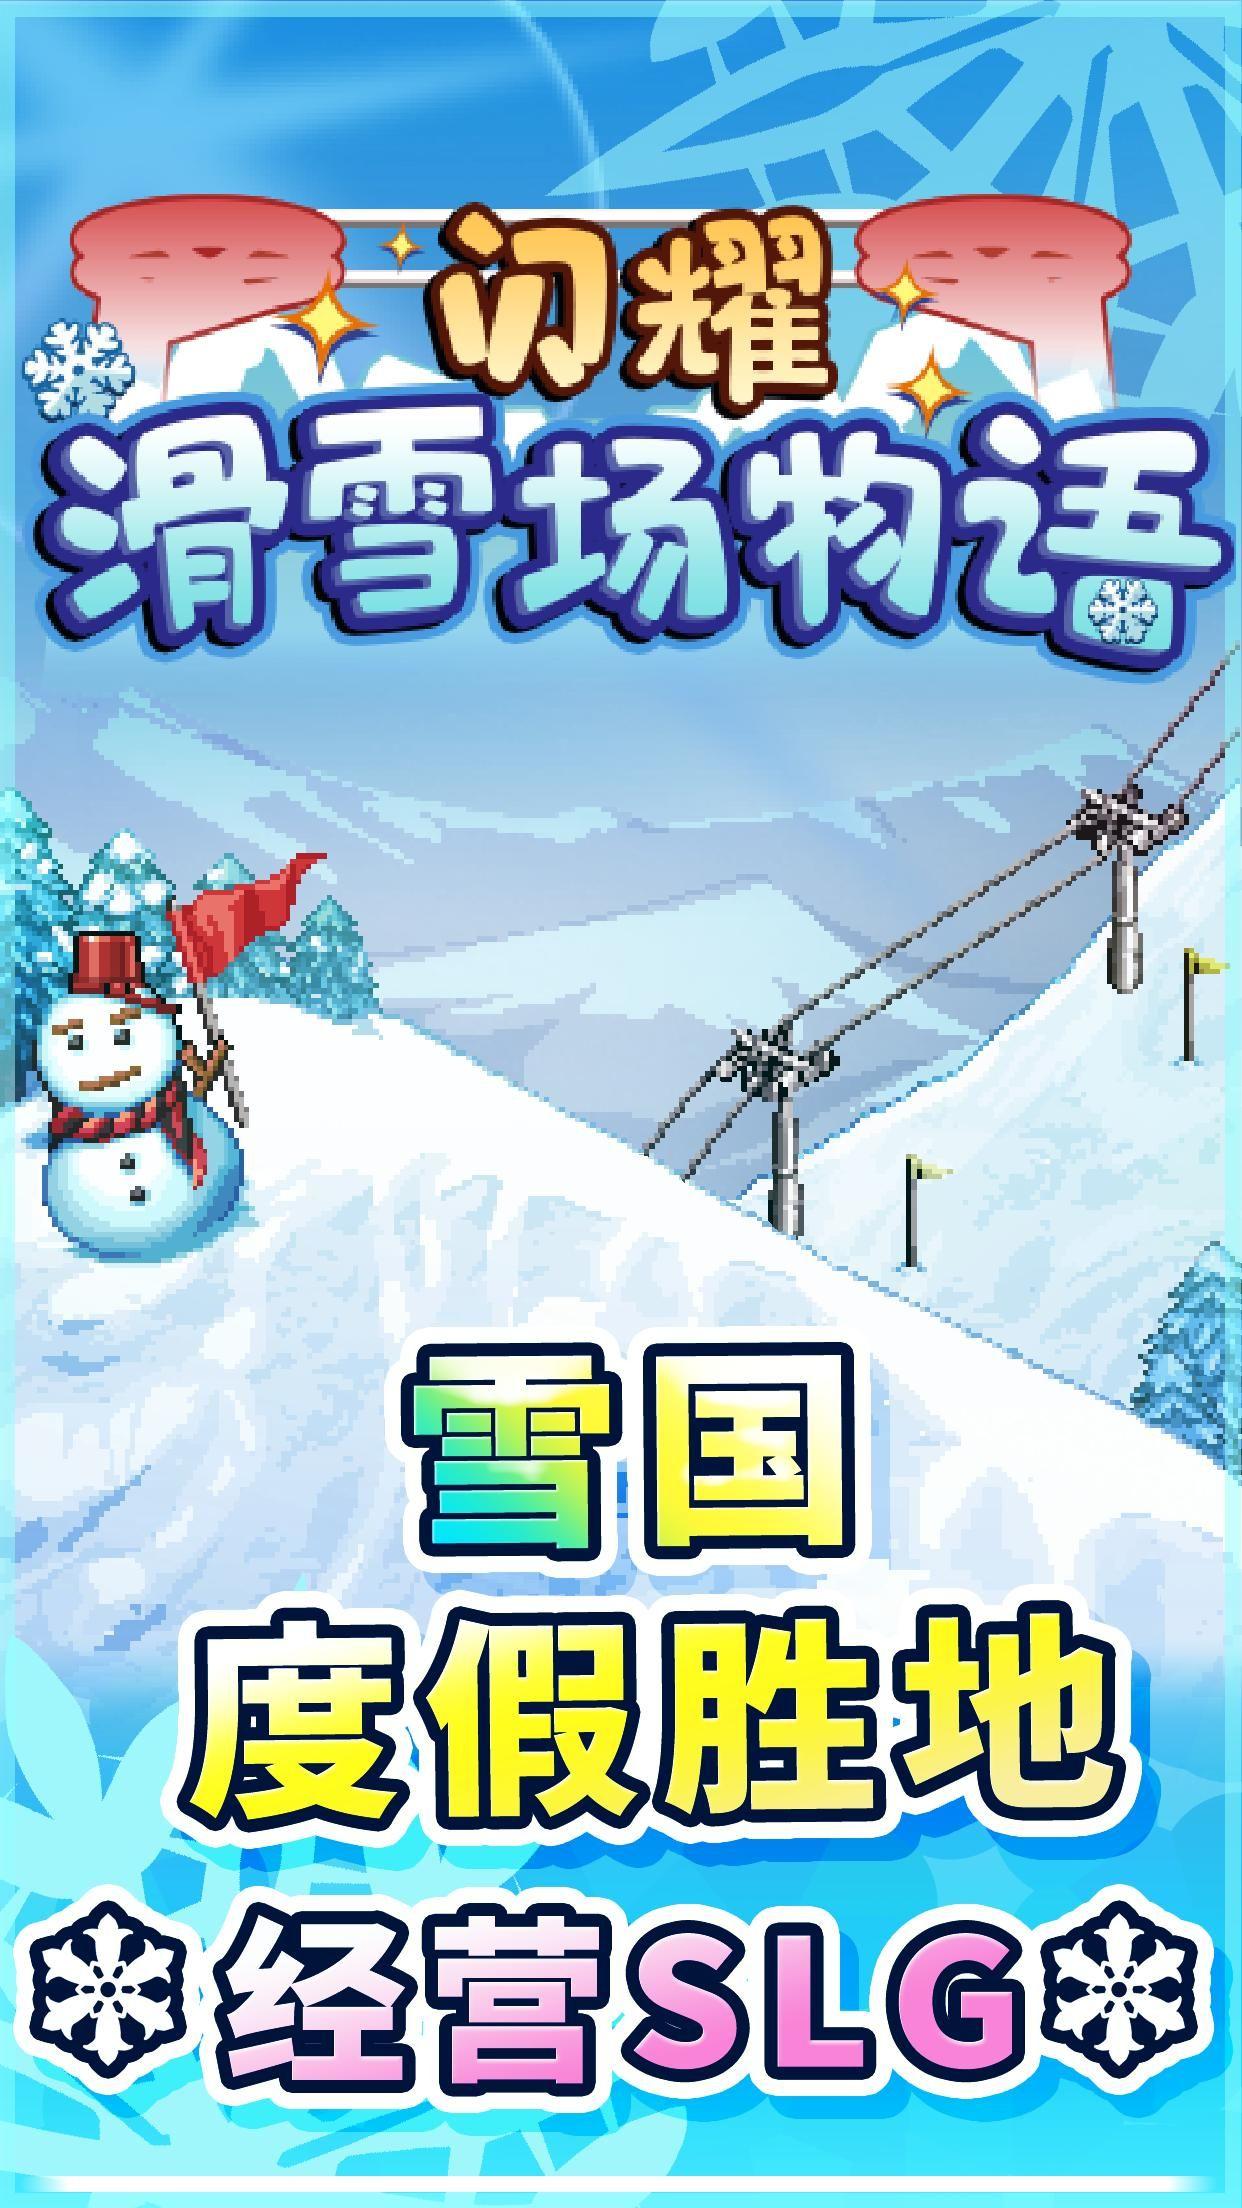 开罗闪耀滑雪场物语游戏安卓最新中文版地址图2: